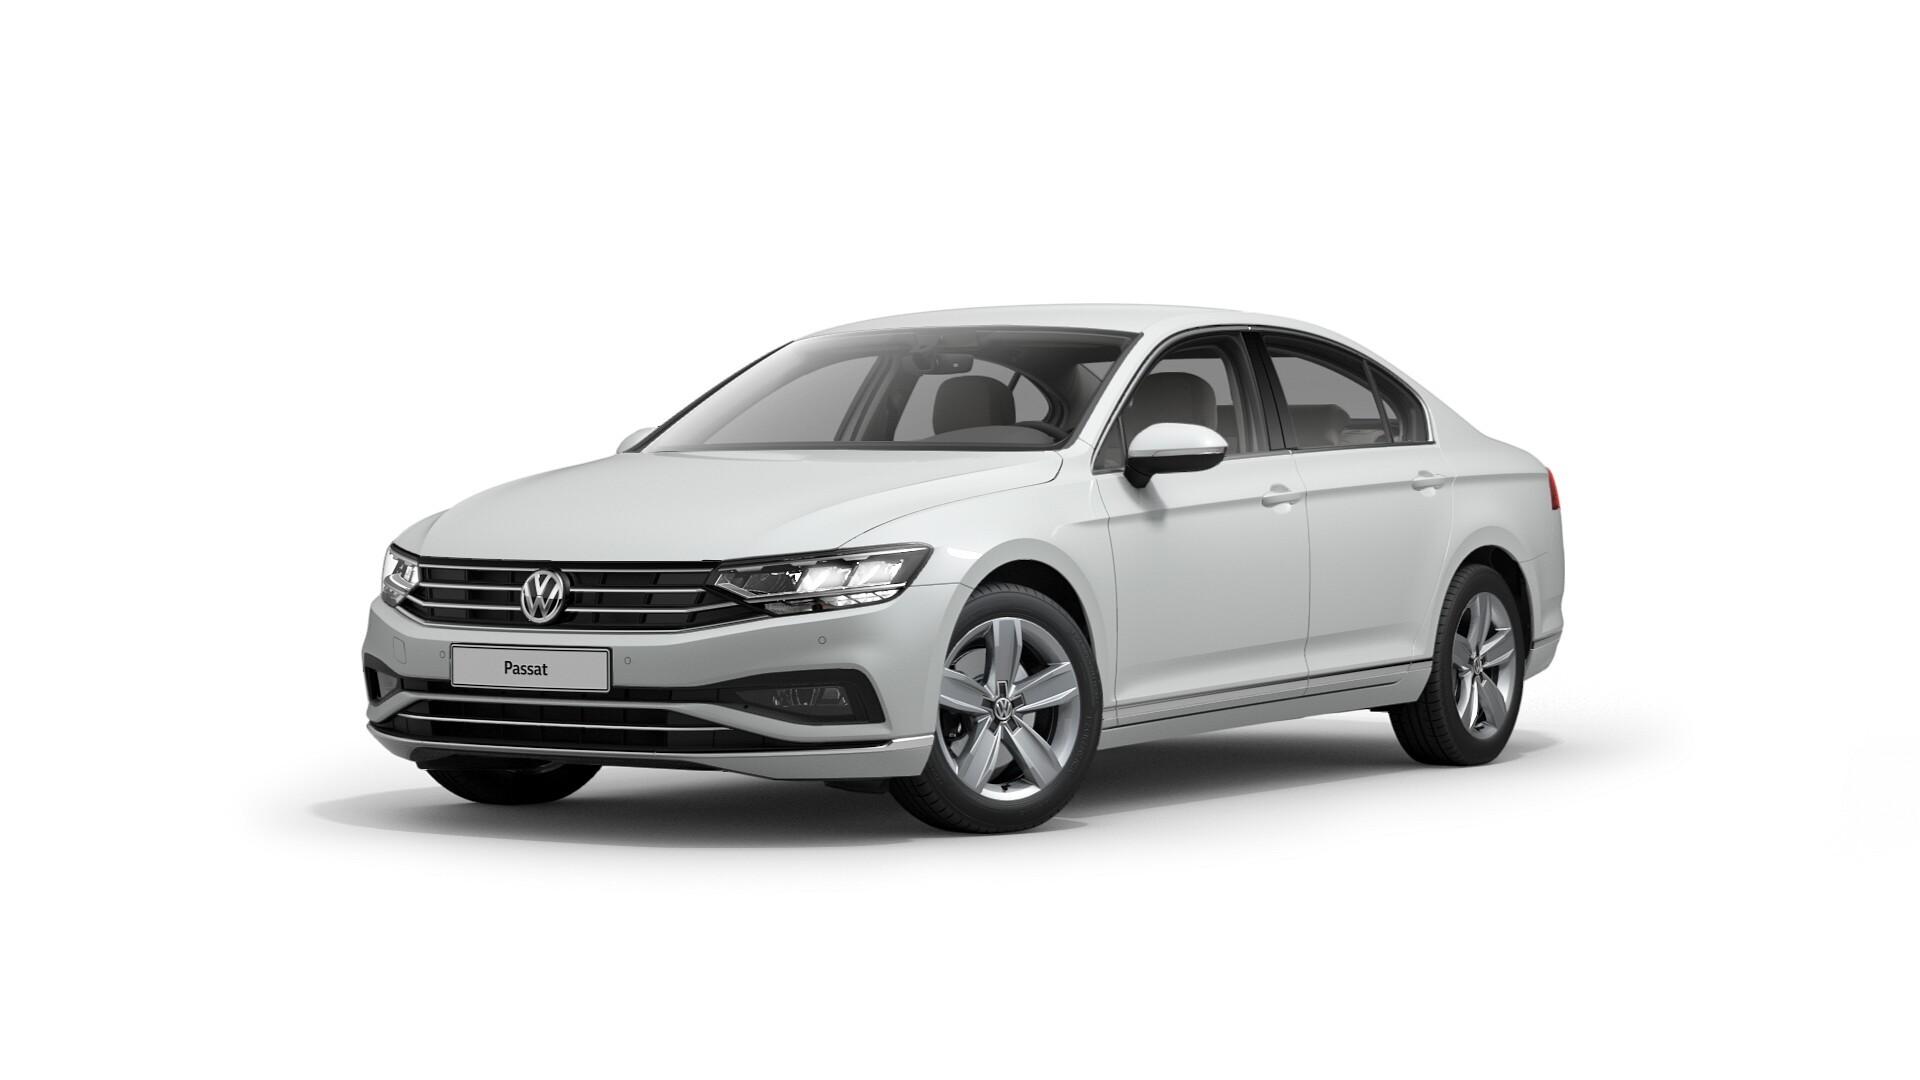 Volkswagen Passat new Седан (Exclusive)